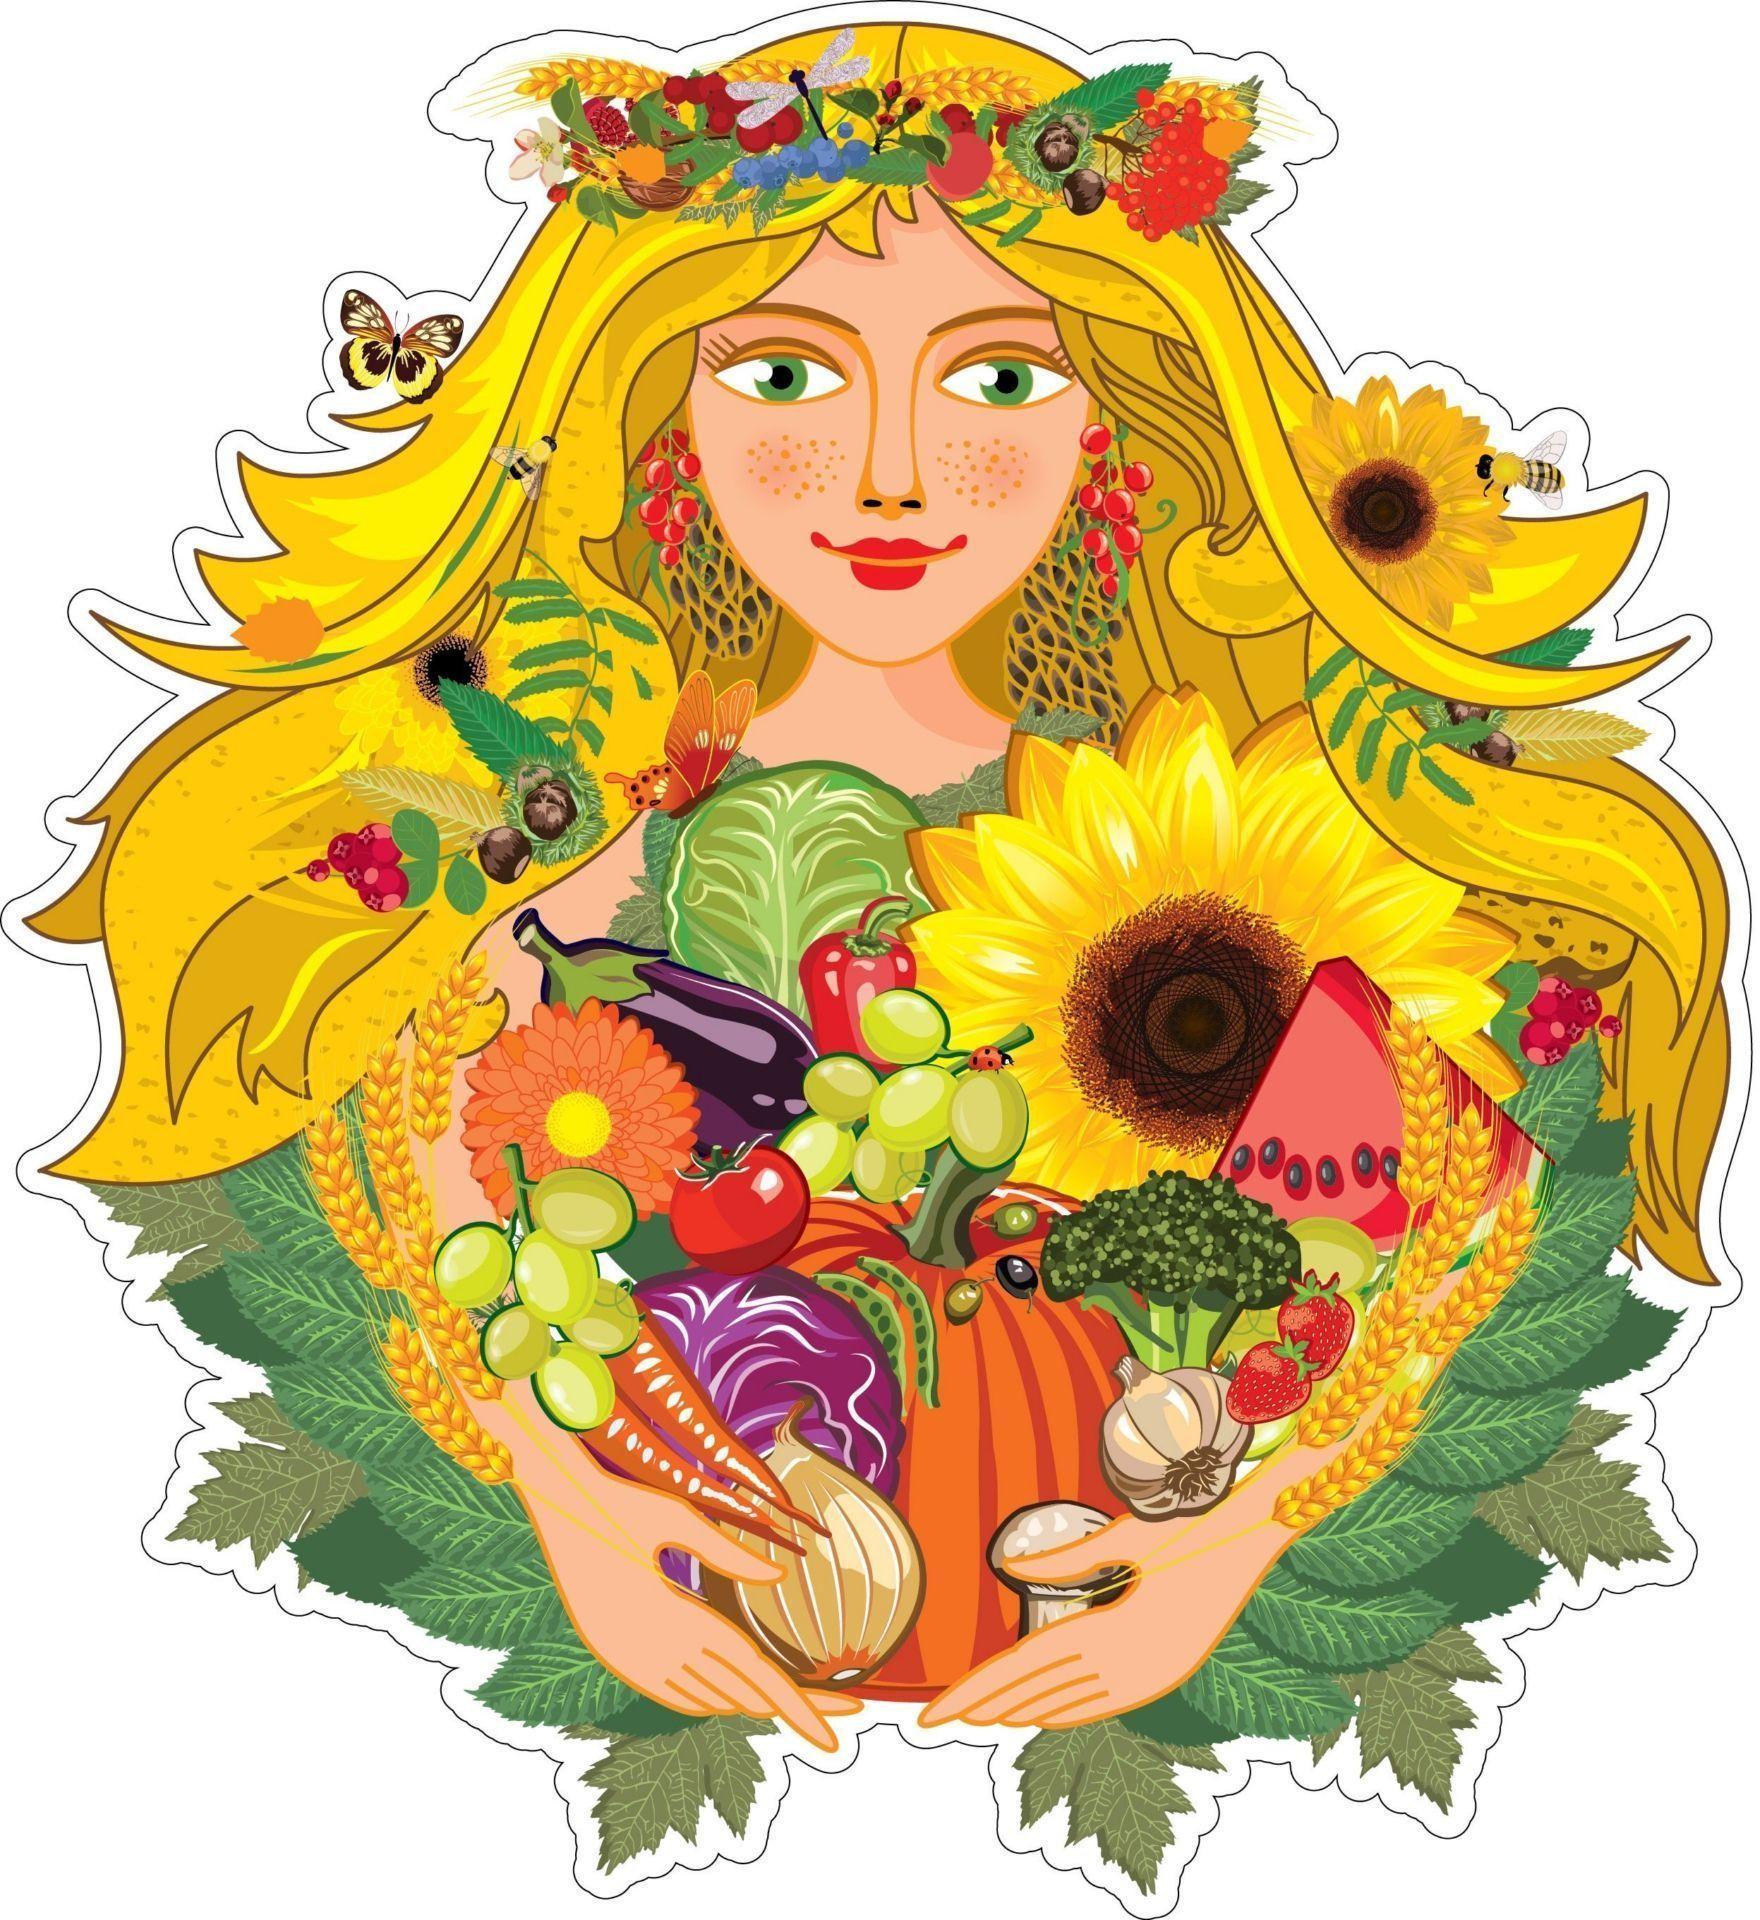 Плакат вырубной Урожайница: 420х464 ммТовары для оформления и проведения праздника<br>.<br><br>Год: 2018<br>Серия: Вырубные фигуры для оформления<br>Высота: 464<br>Ширина: 420<br>Переплёт: набор